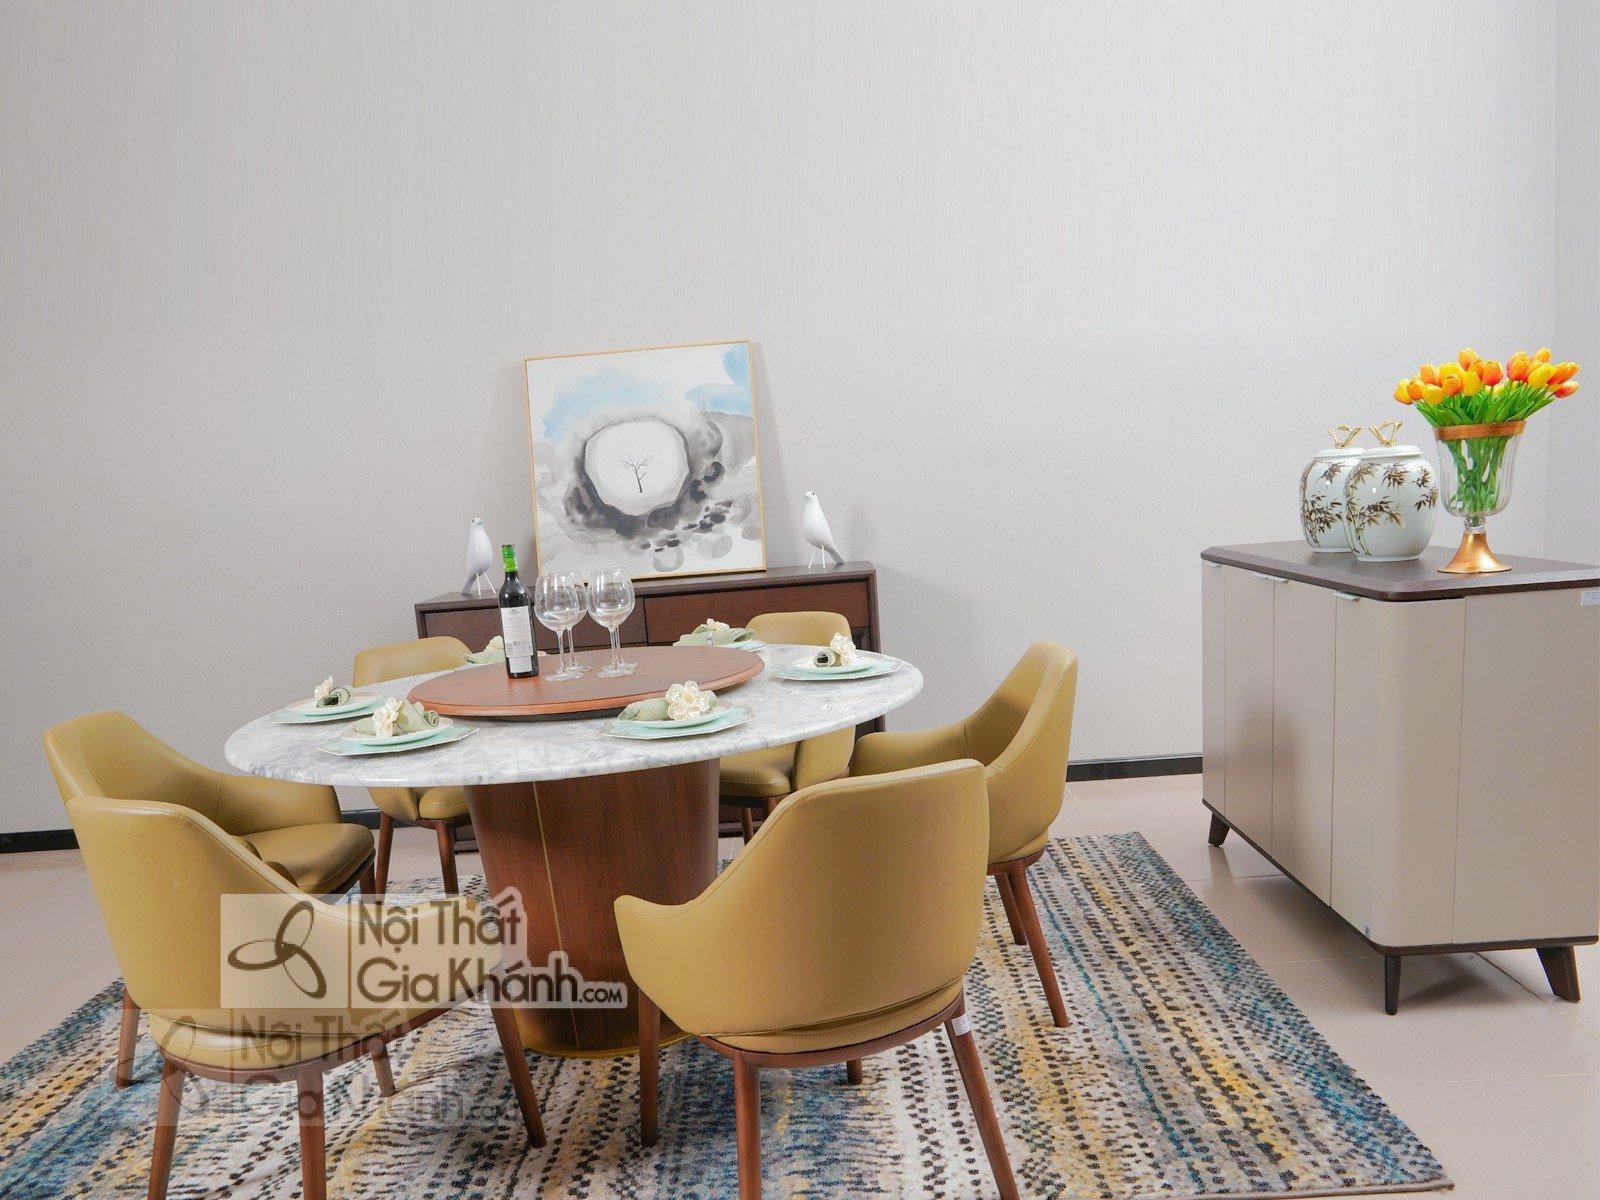 Bộ bàn ăn 6 ghế hình tròn